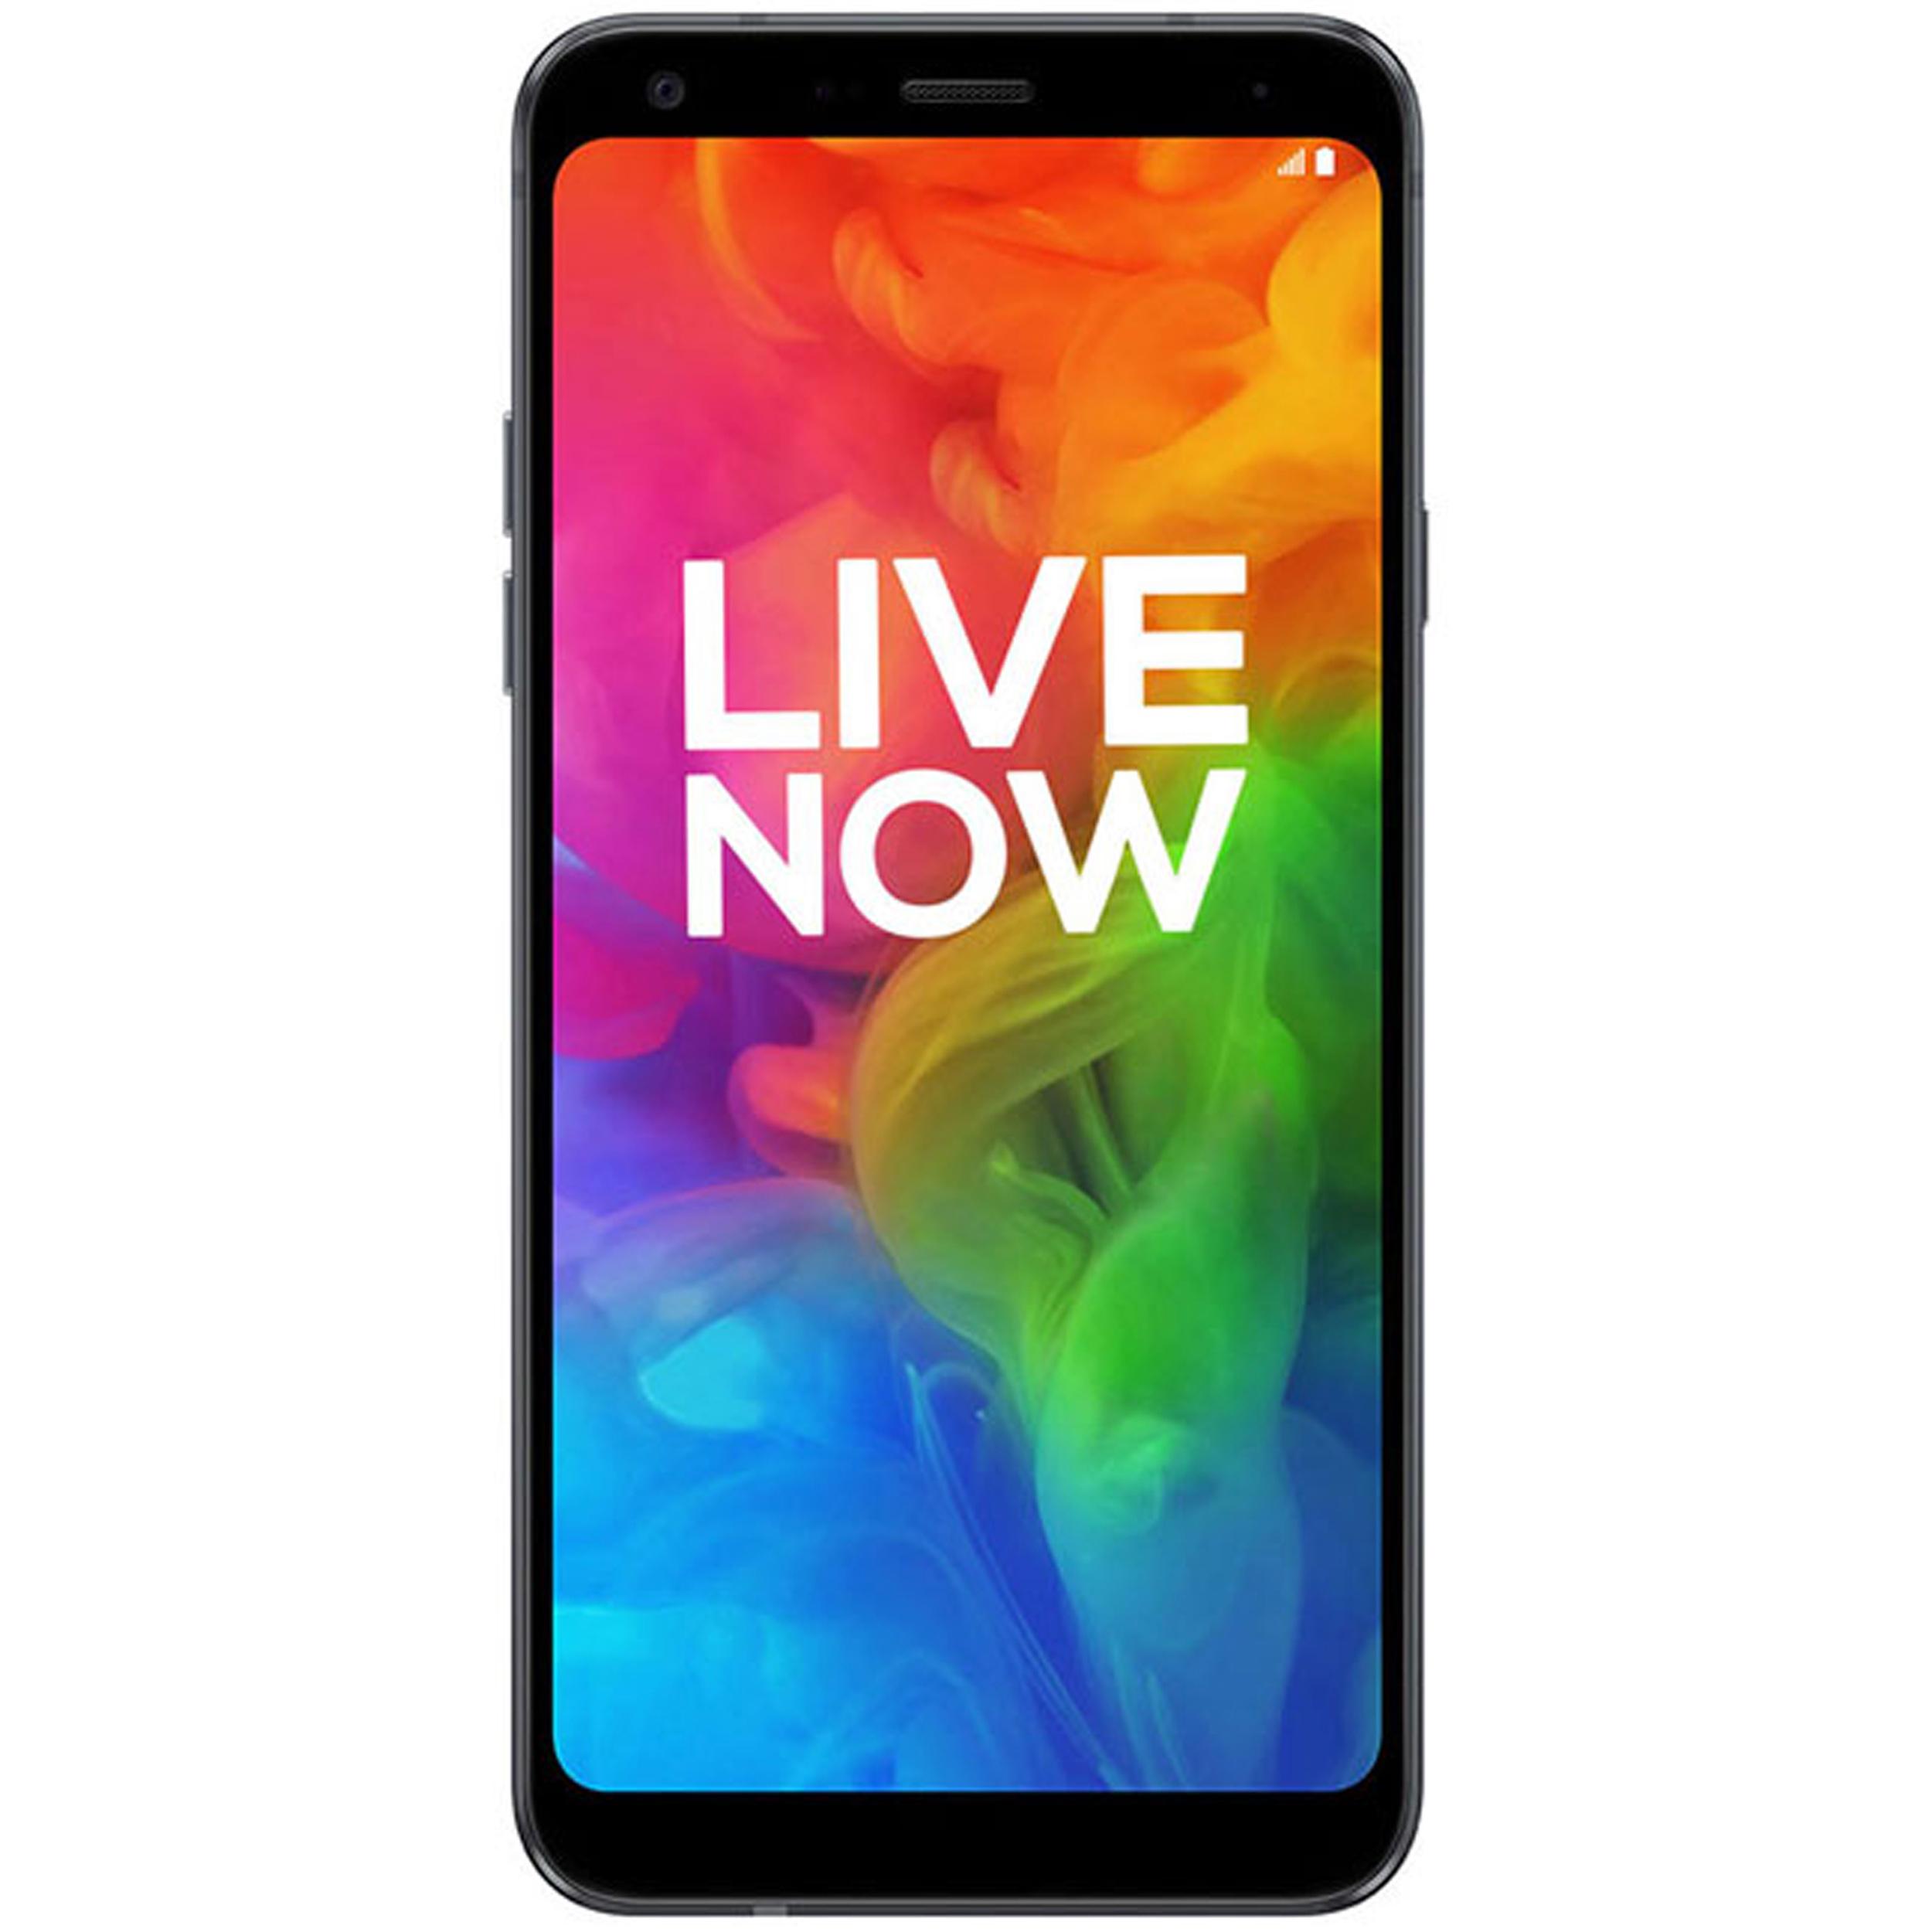 خرید                     گوشی موبایل ال جی مدل Q7 LM-Q610/MZ ظرفیت 32 گیگابایت